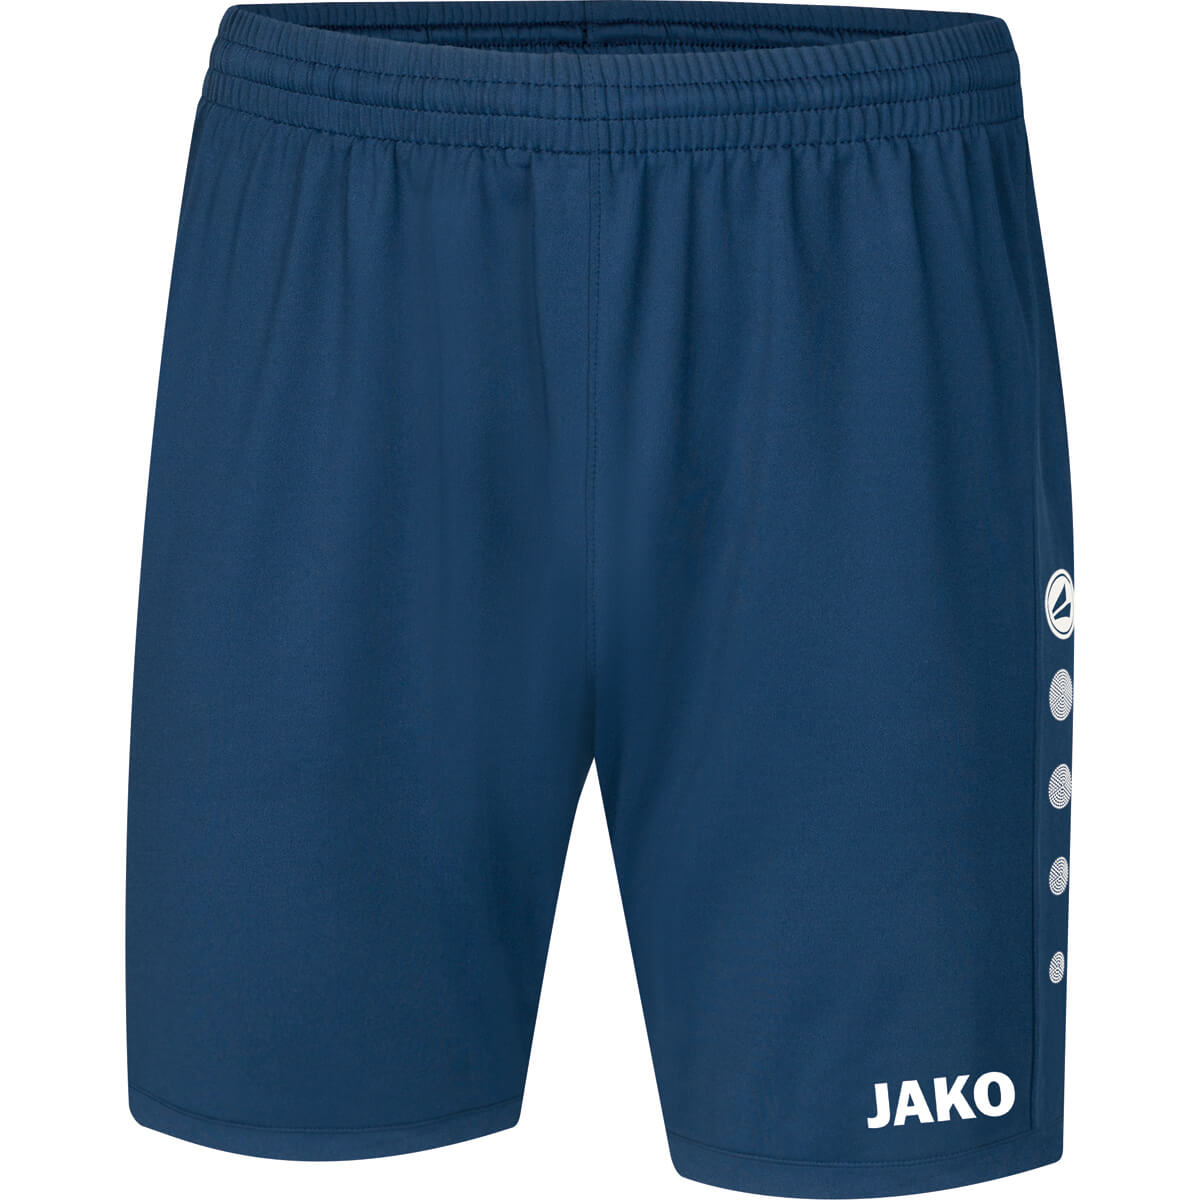 Jako Sporthose Premium Herren 4465  | div. Größen / Farben